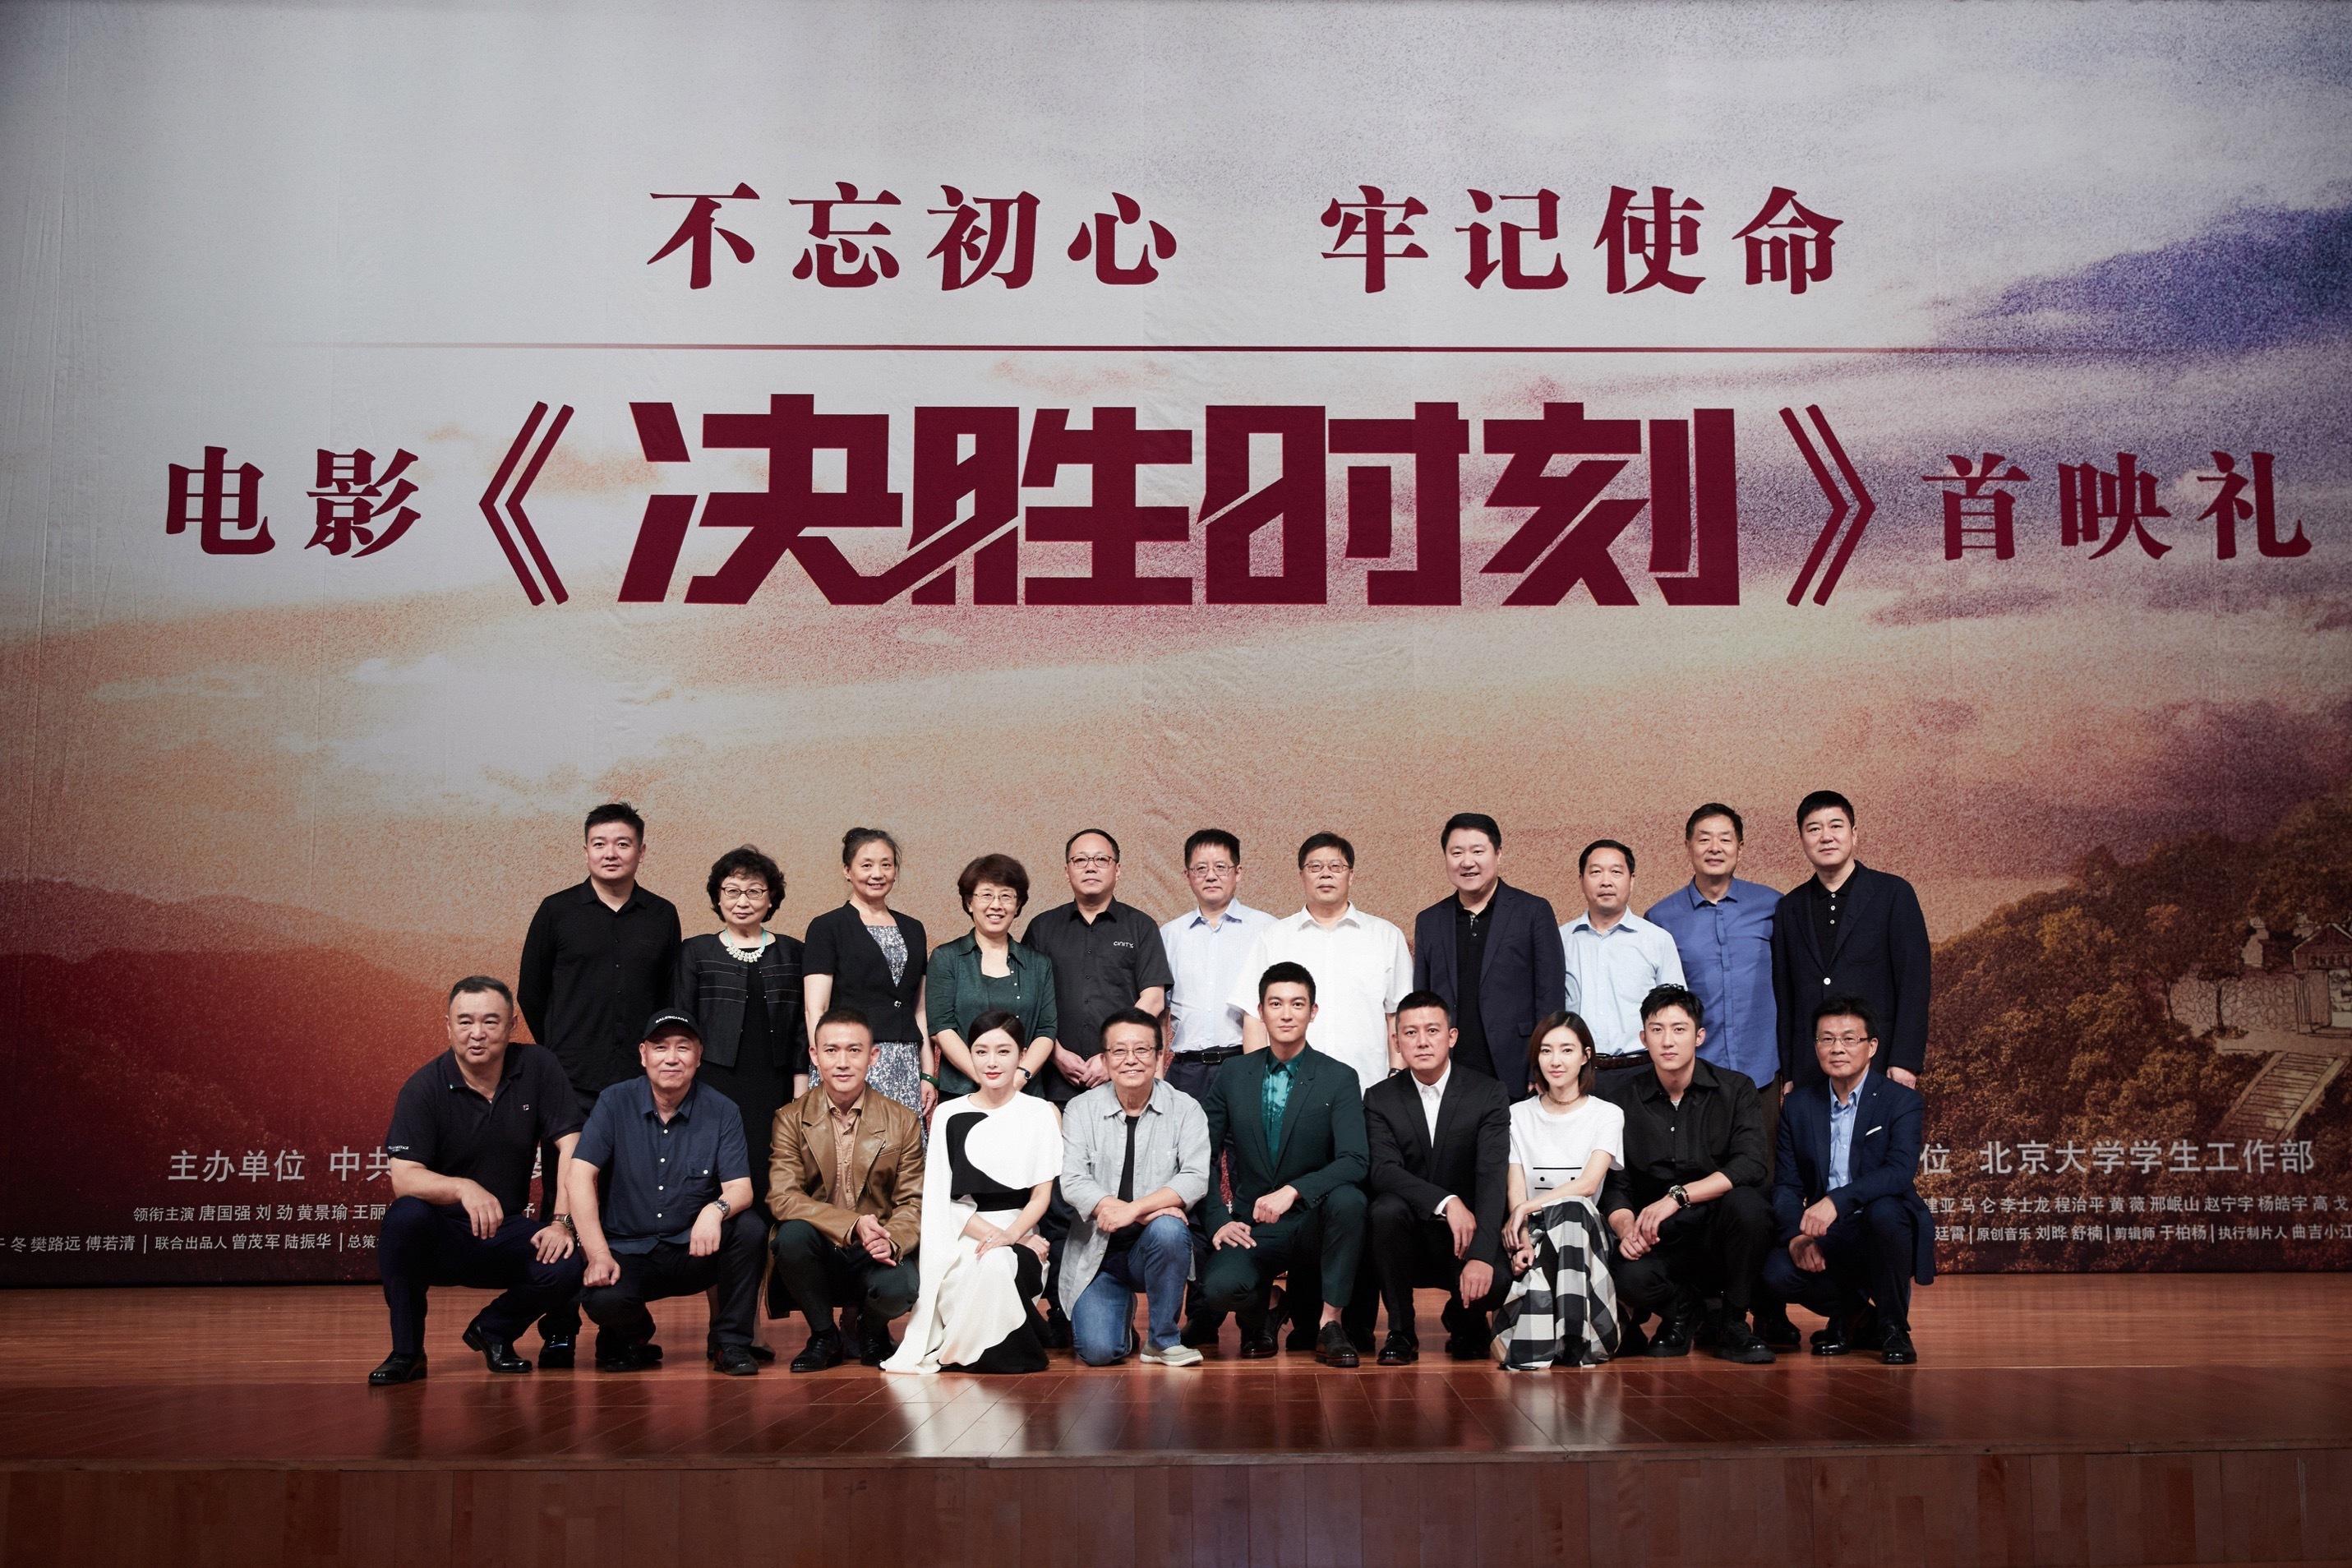 聂远现身北京大学百年讲堂 出席《决胜时刻》见面会